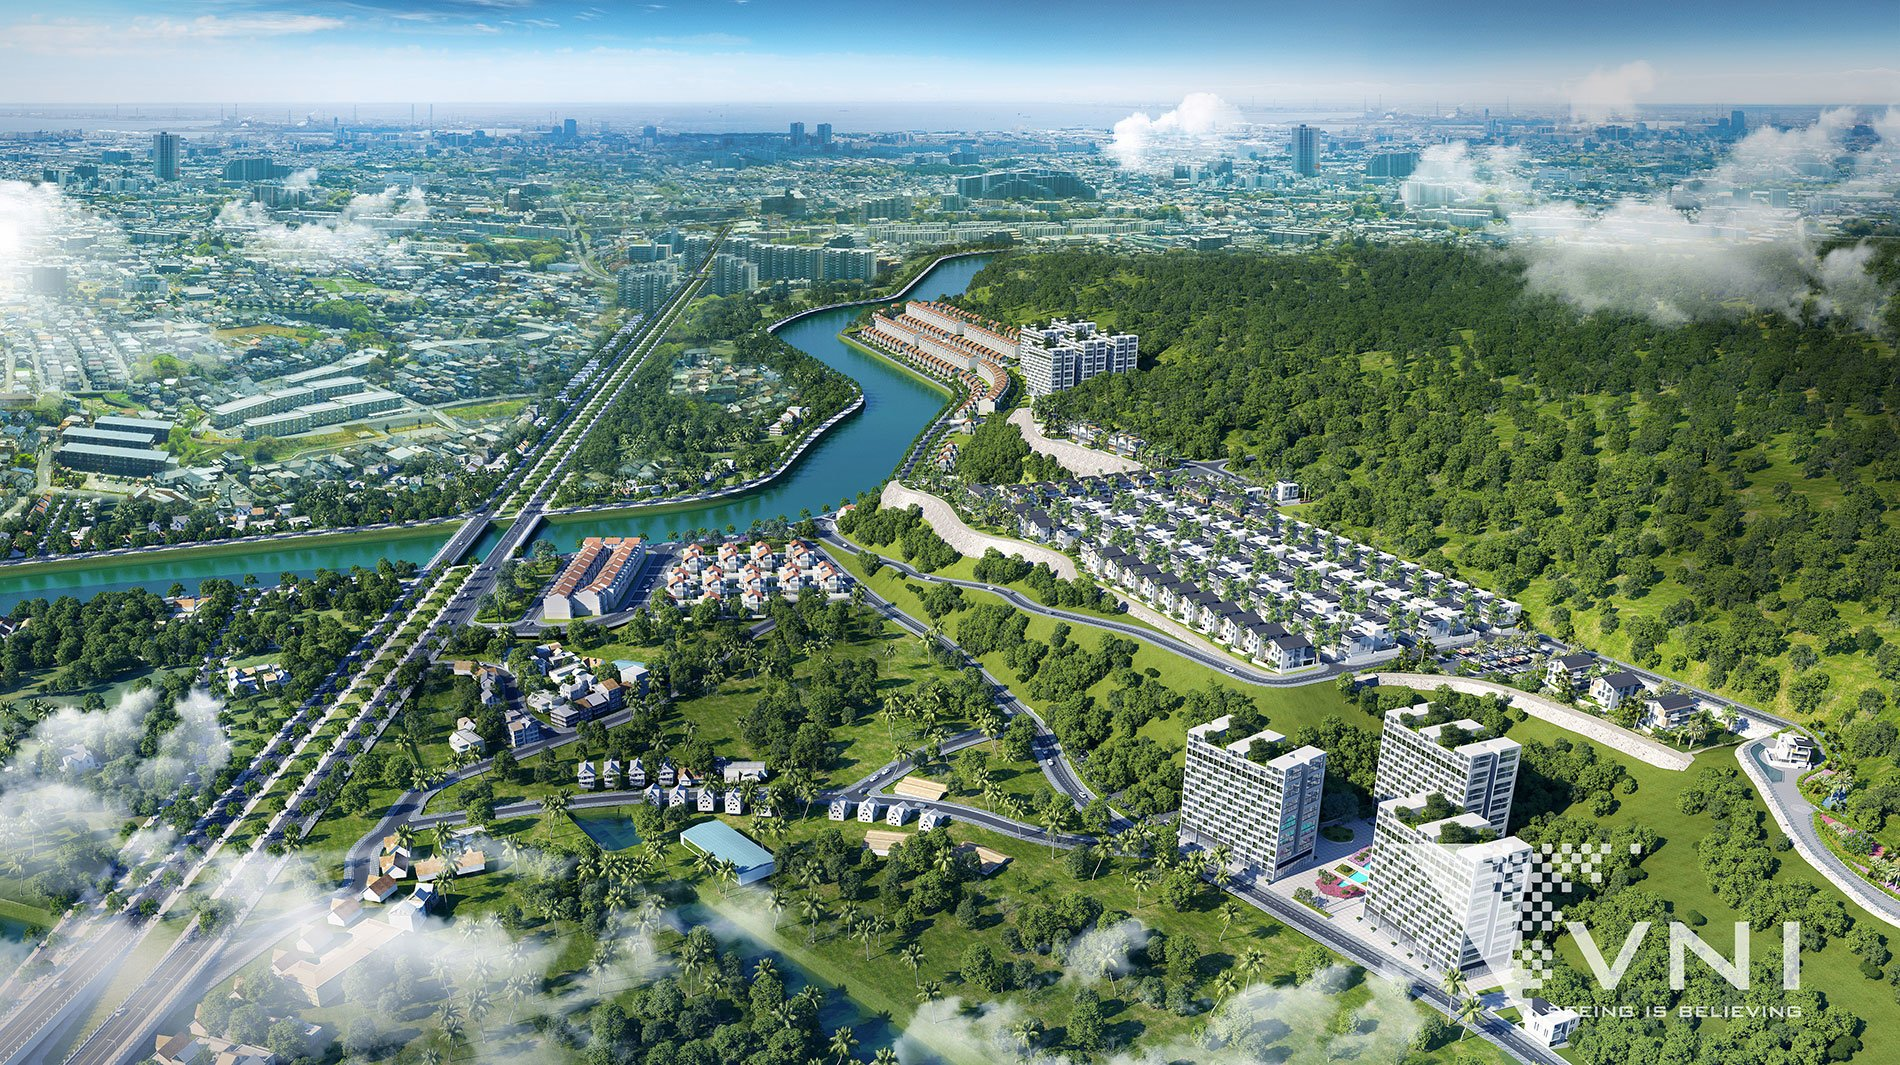 Phối cảnh dự án đất nền biệt thư Nha Trang Grand view Võ Nguyên Giáp